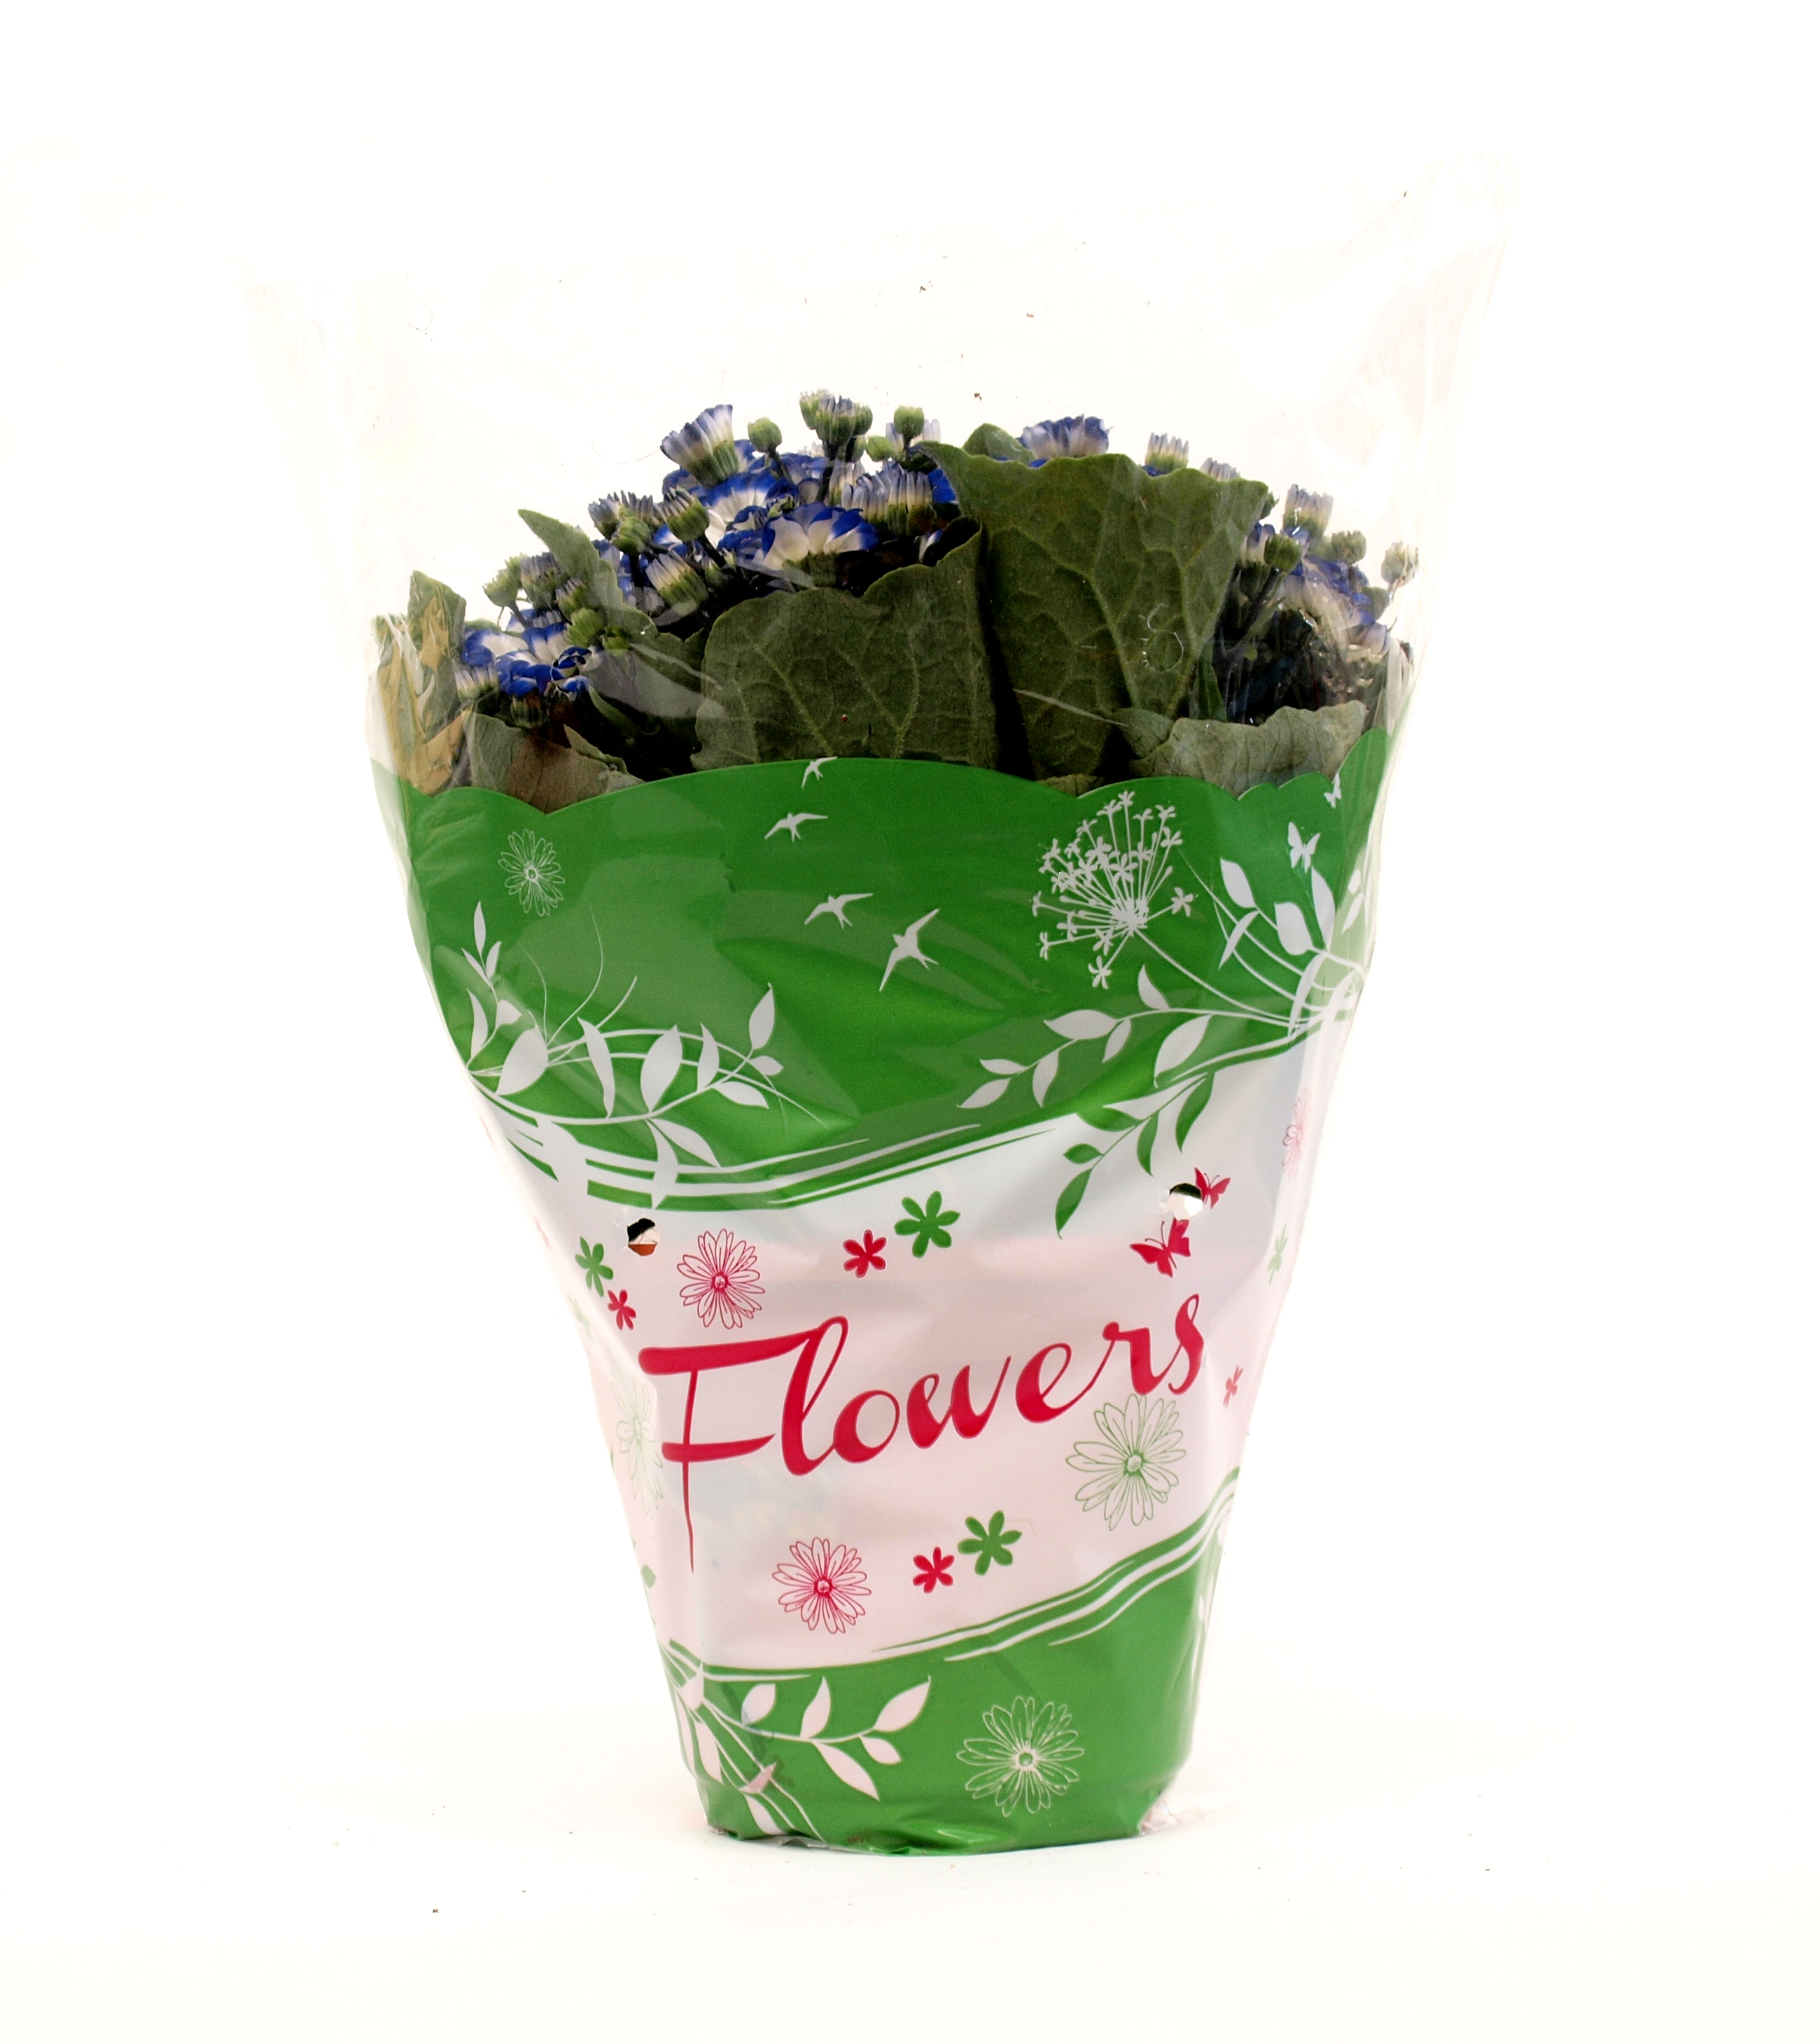 Flowers_verde